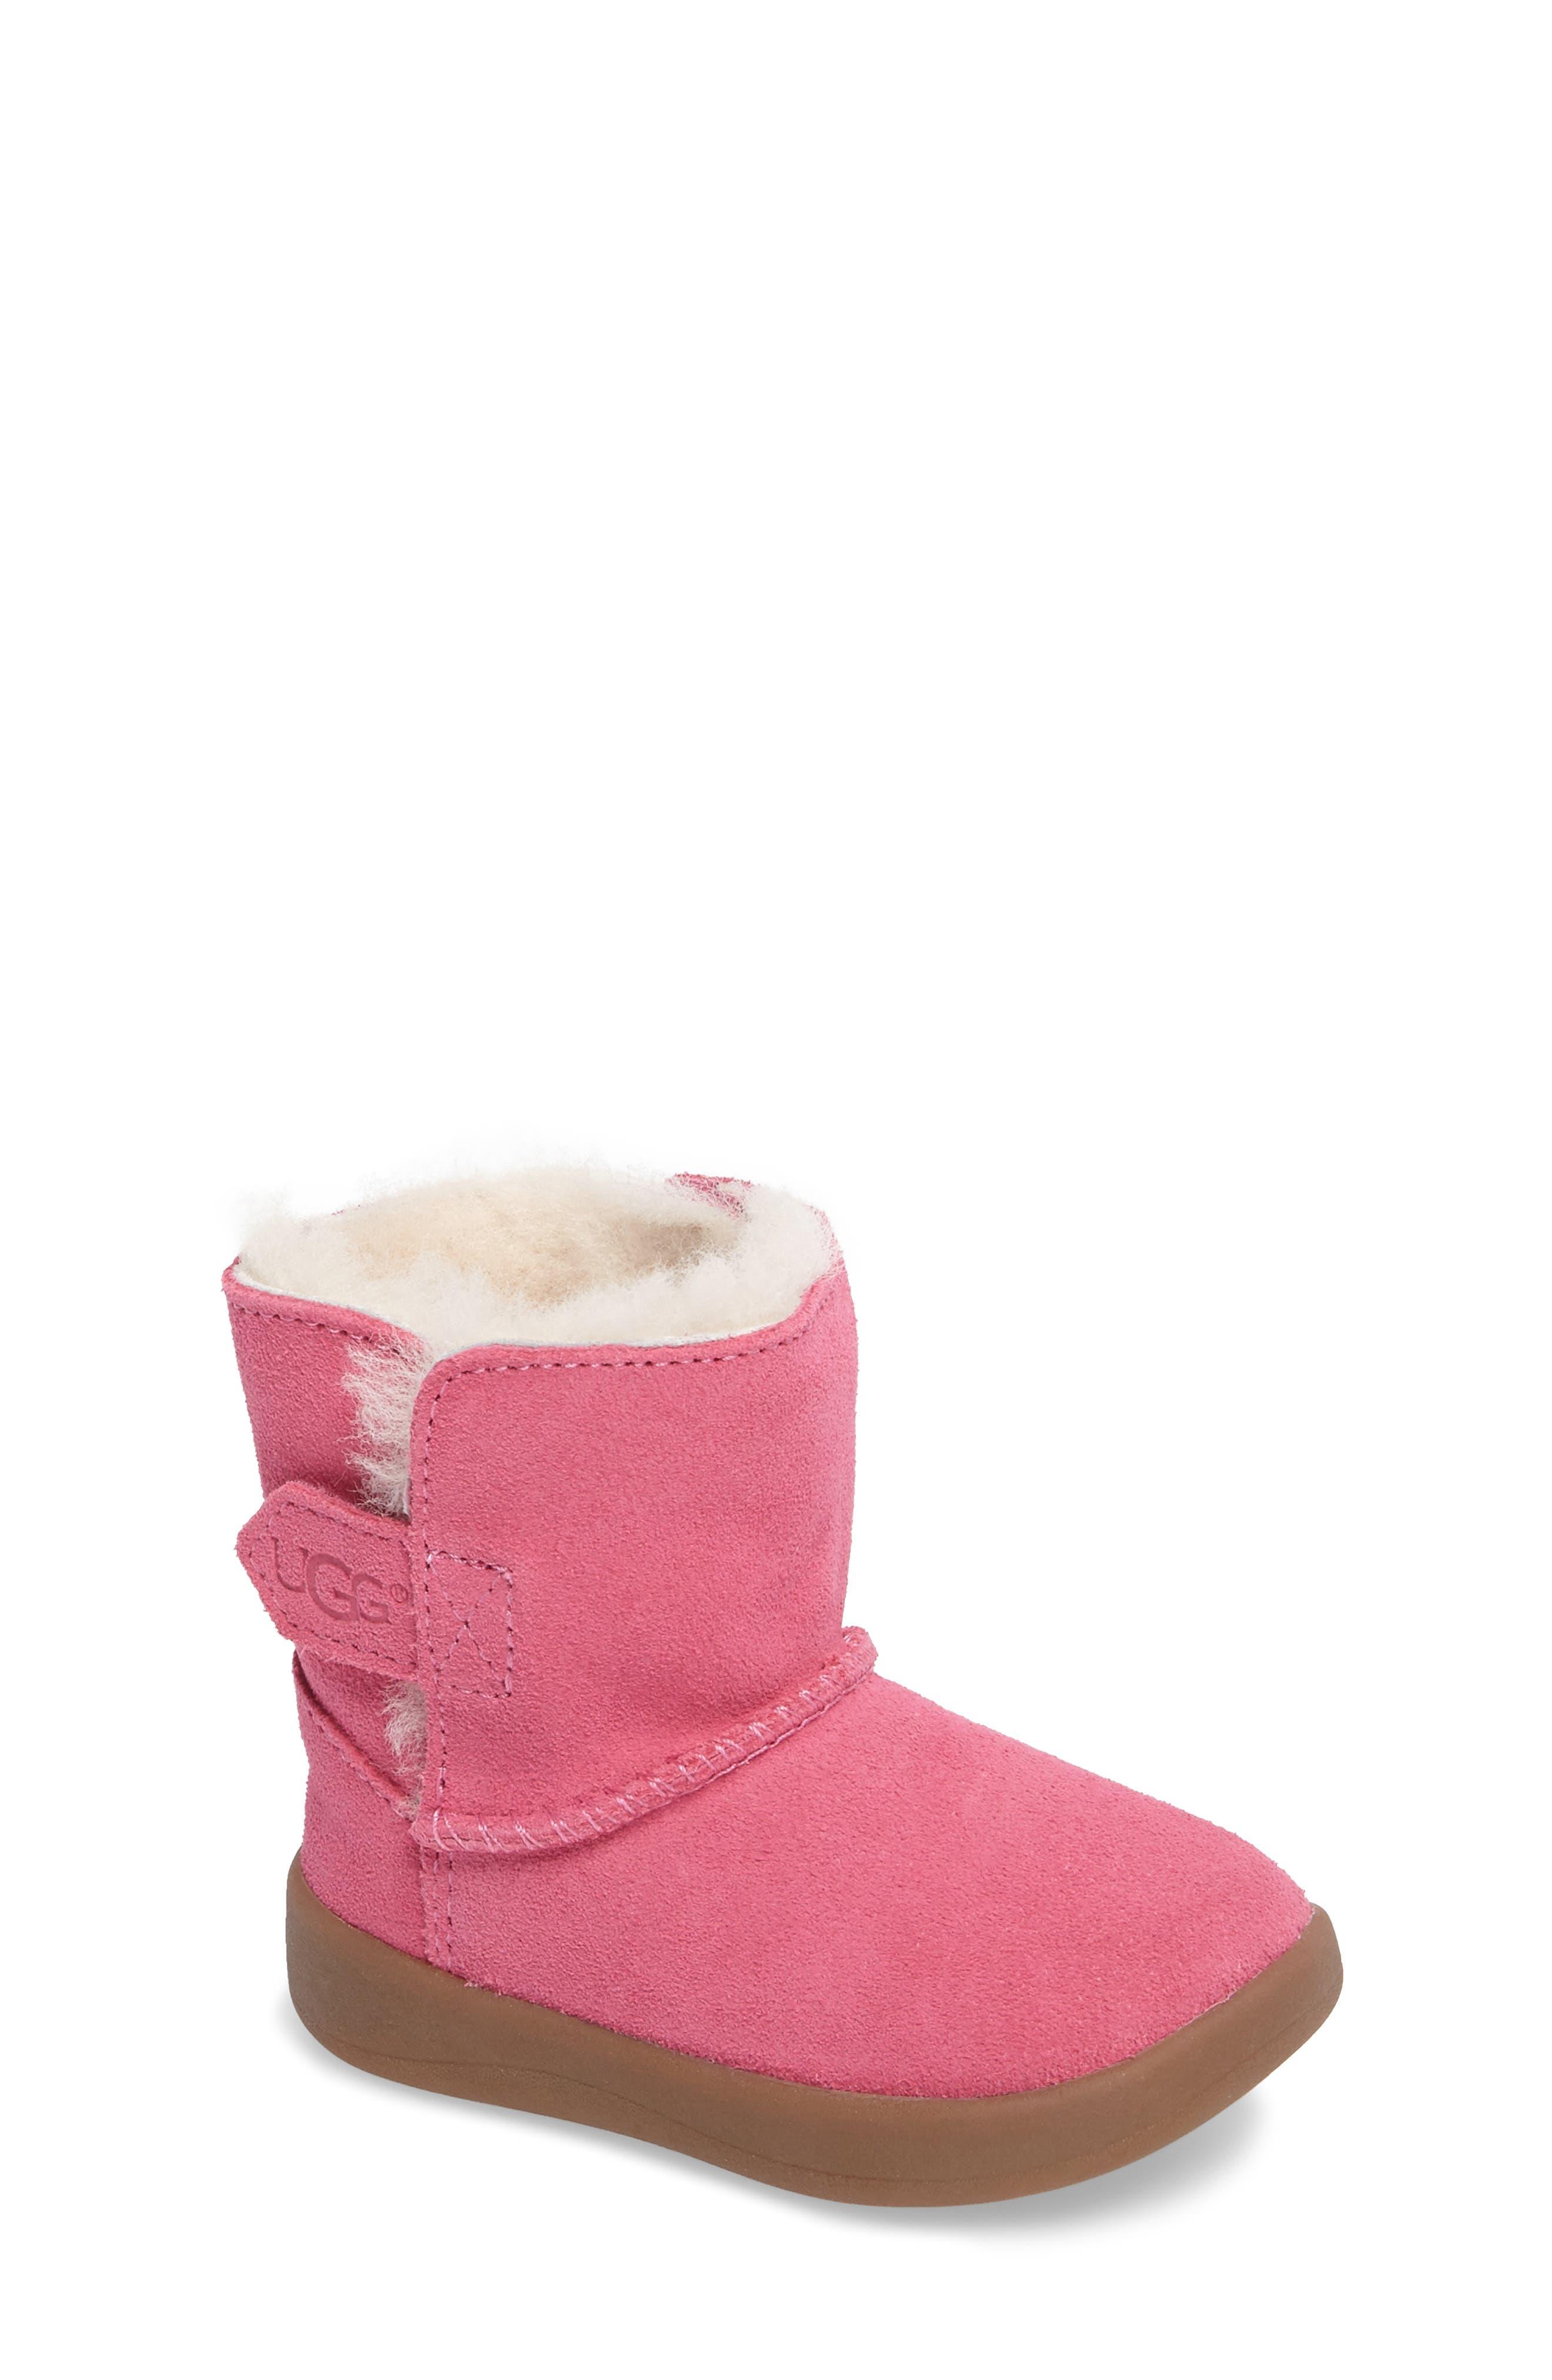 UGG® Keelan Genuine Shearling Baby Boot (Baby & Walker)